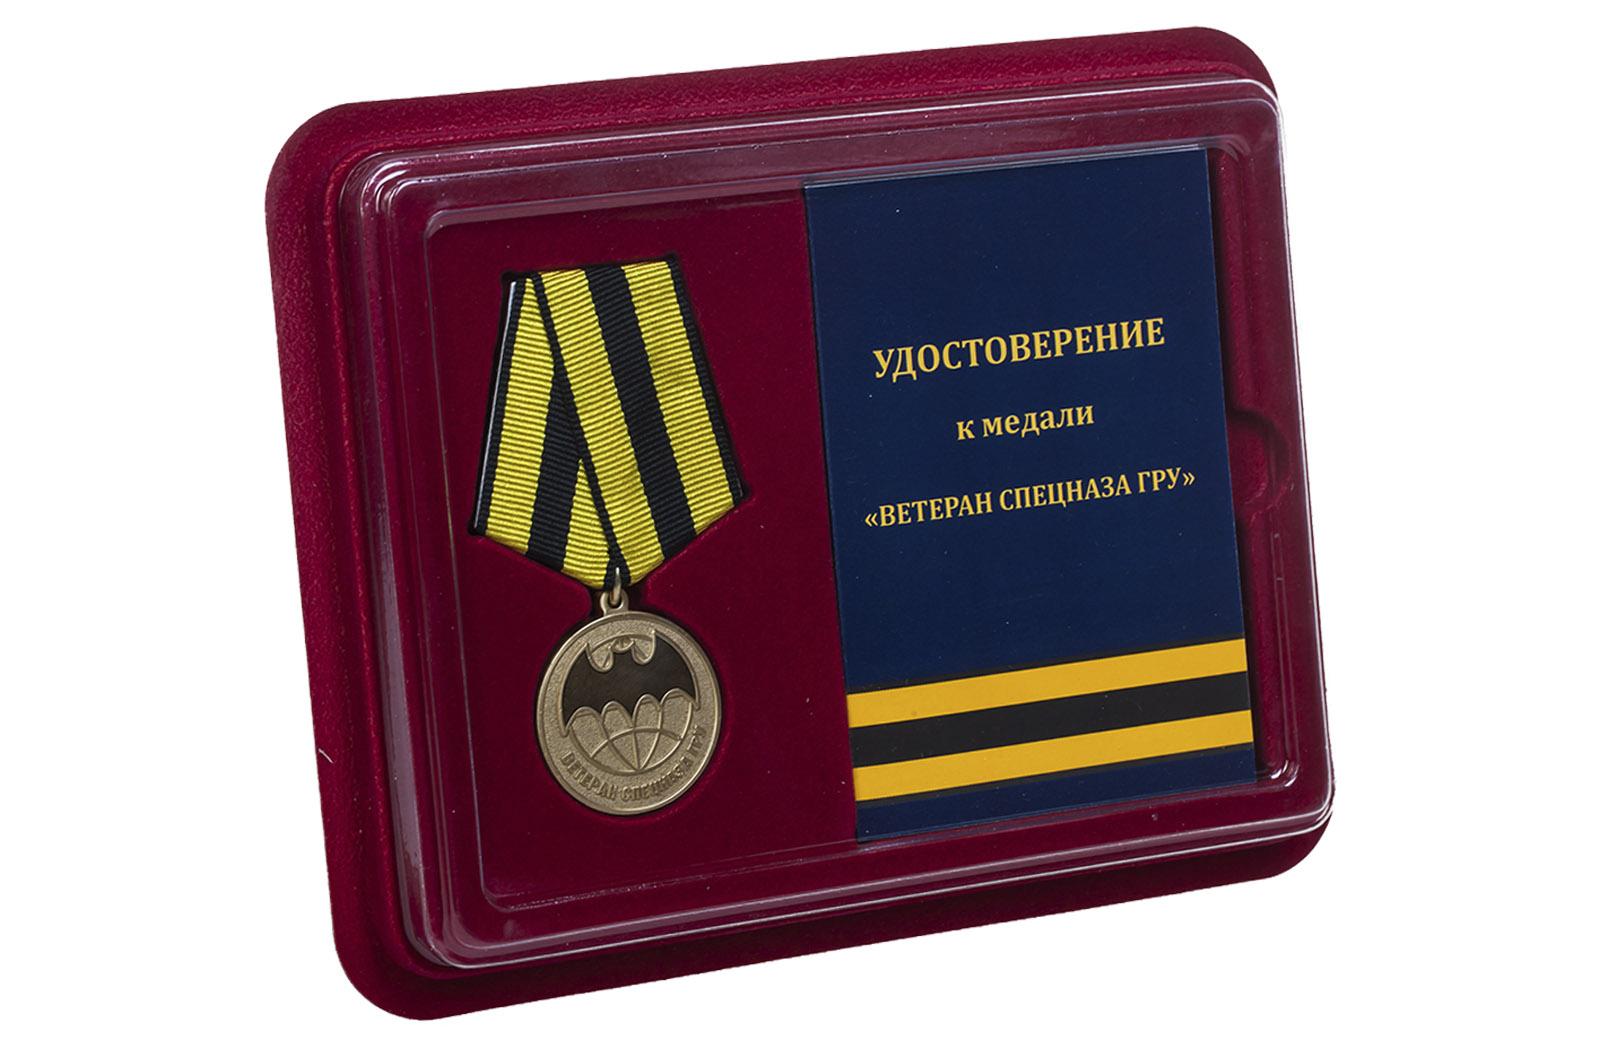 Купить медаль Ветеран Спецназа ГРУ в футляре с удостоверением с доставкой в ваш город